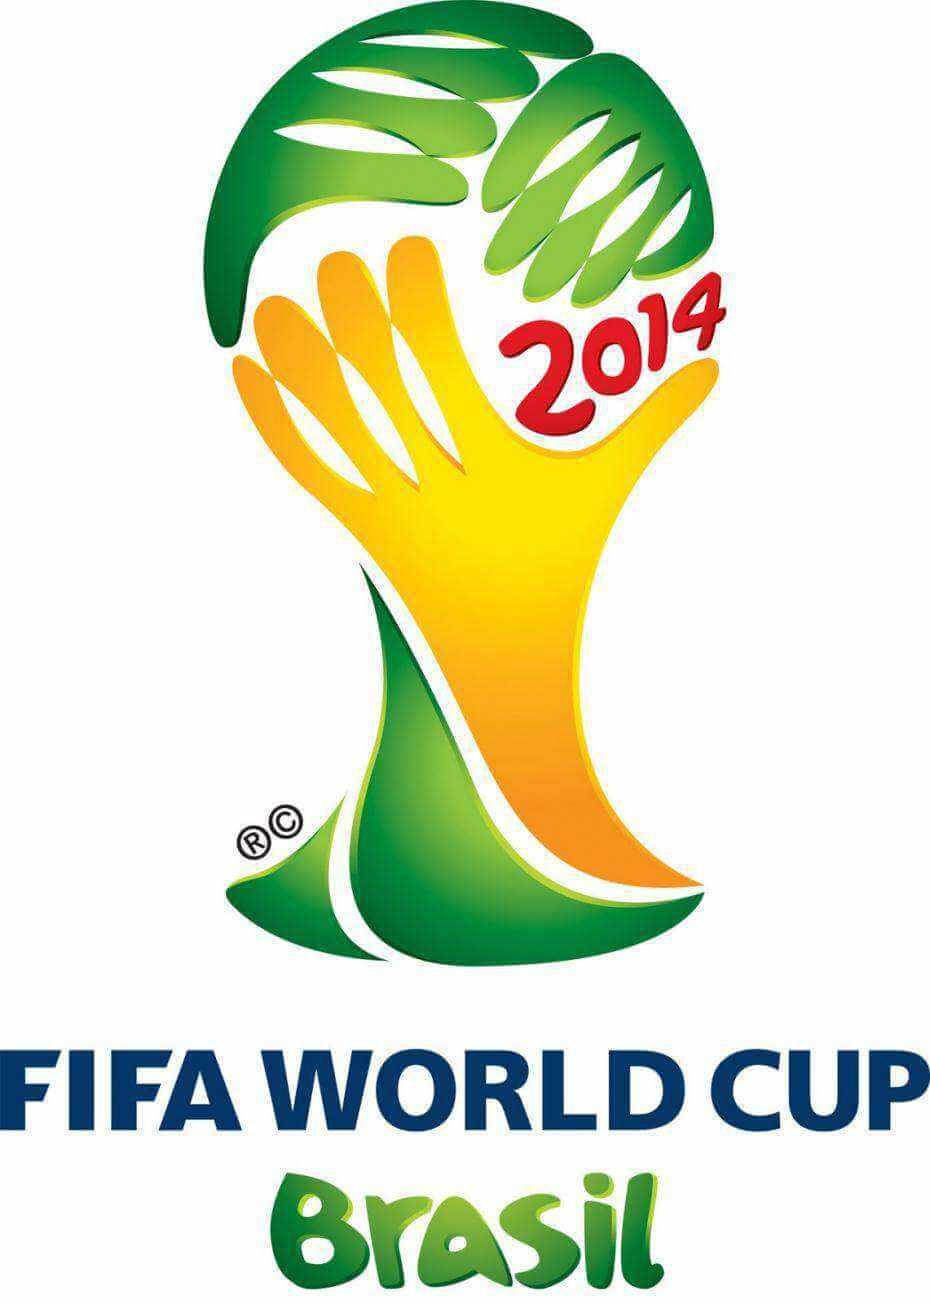 logo du Mondial 2014